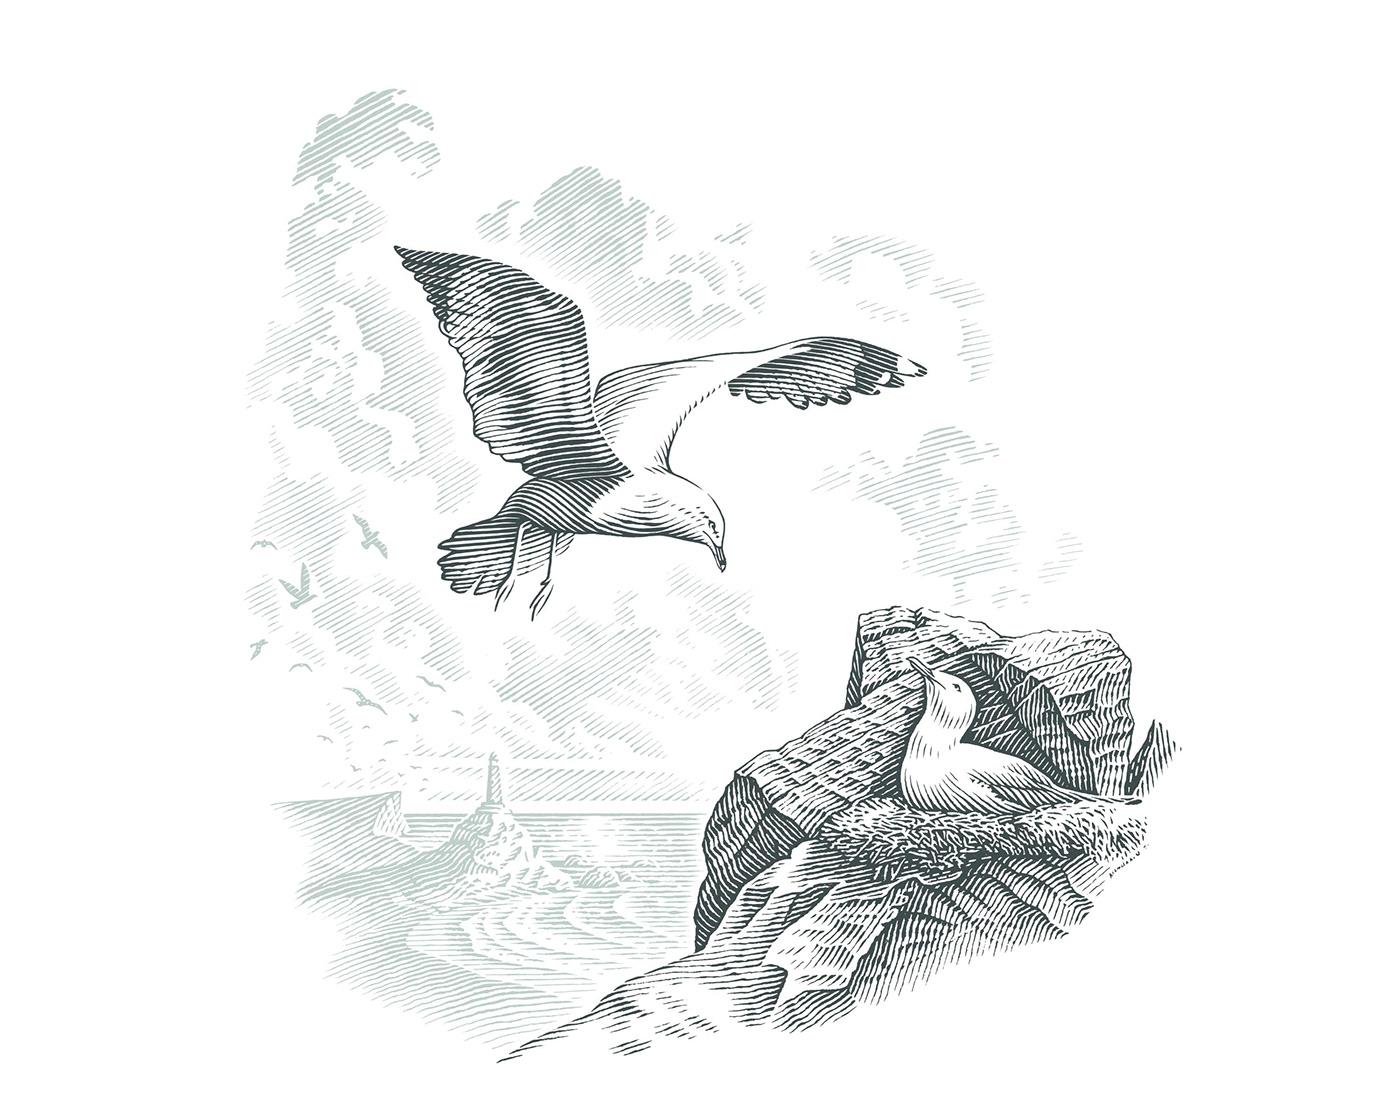 birds engraving etching ILLUSTRATION  line art pen and ink pen drawing scraper board scratch board scratchboard